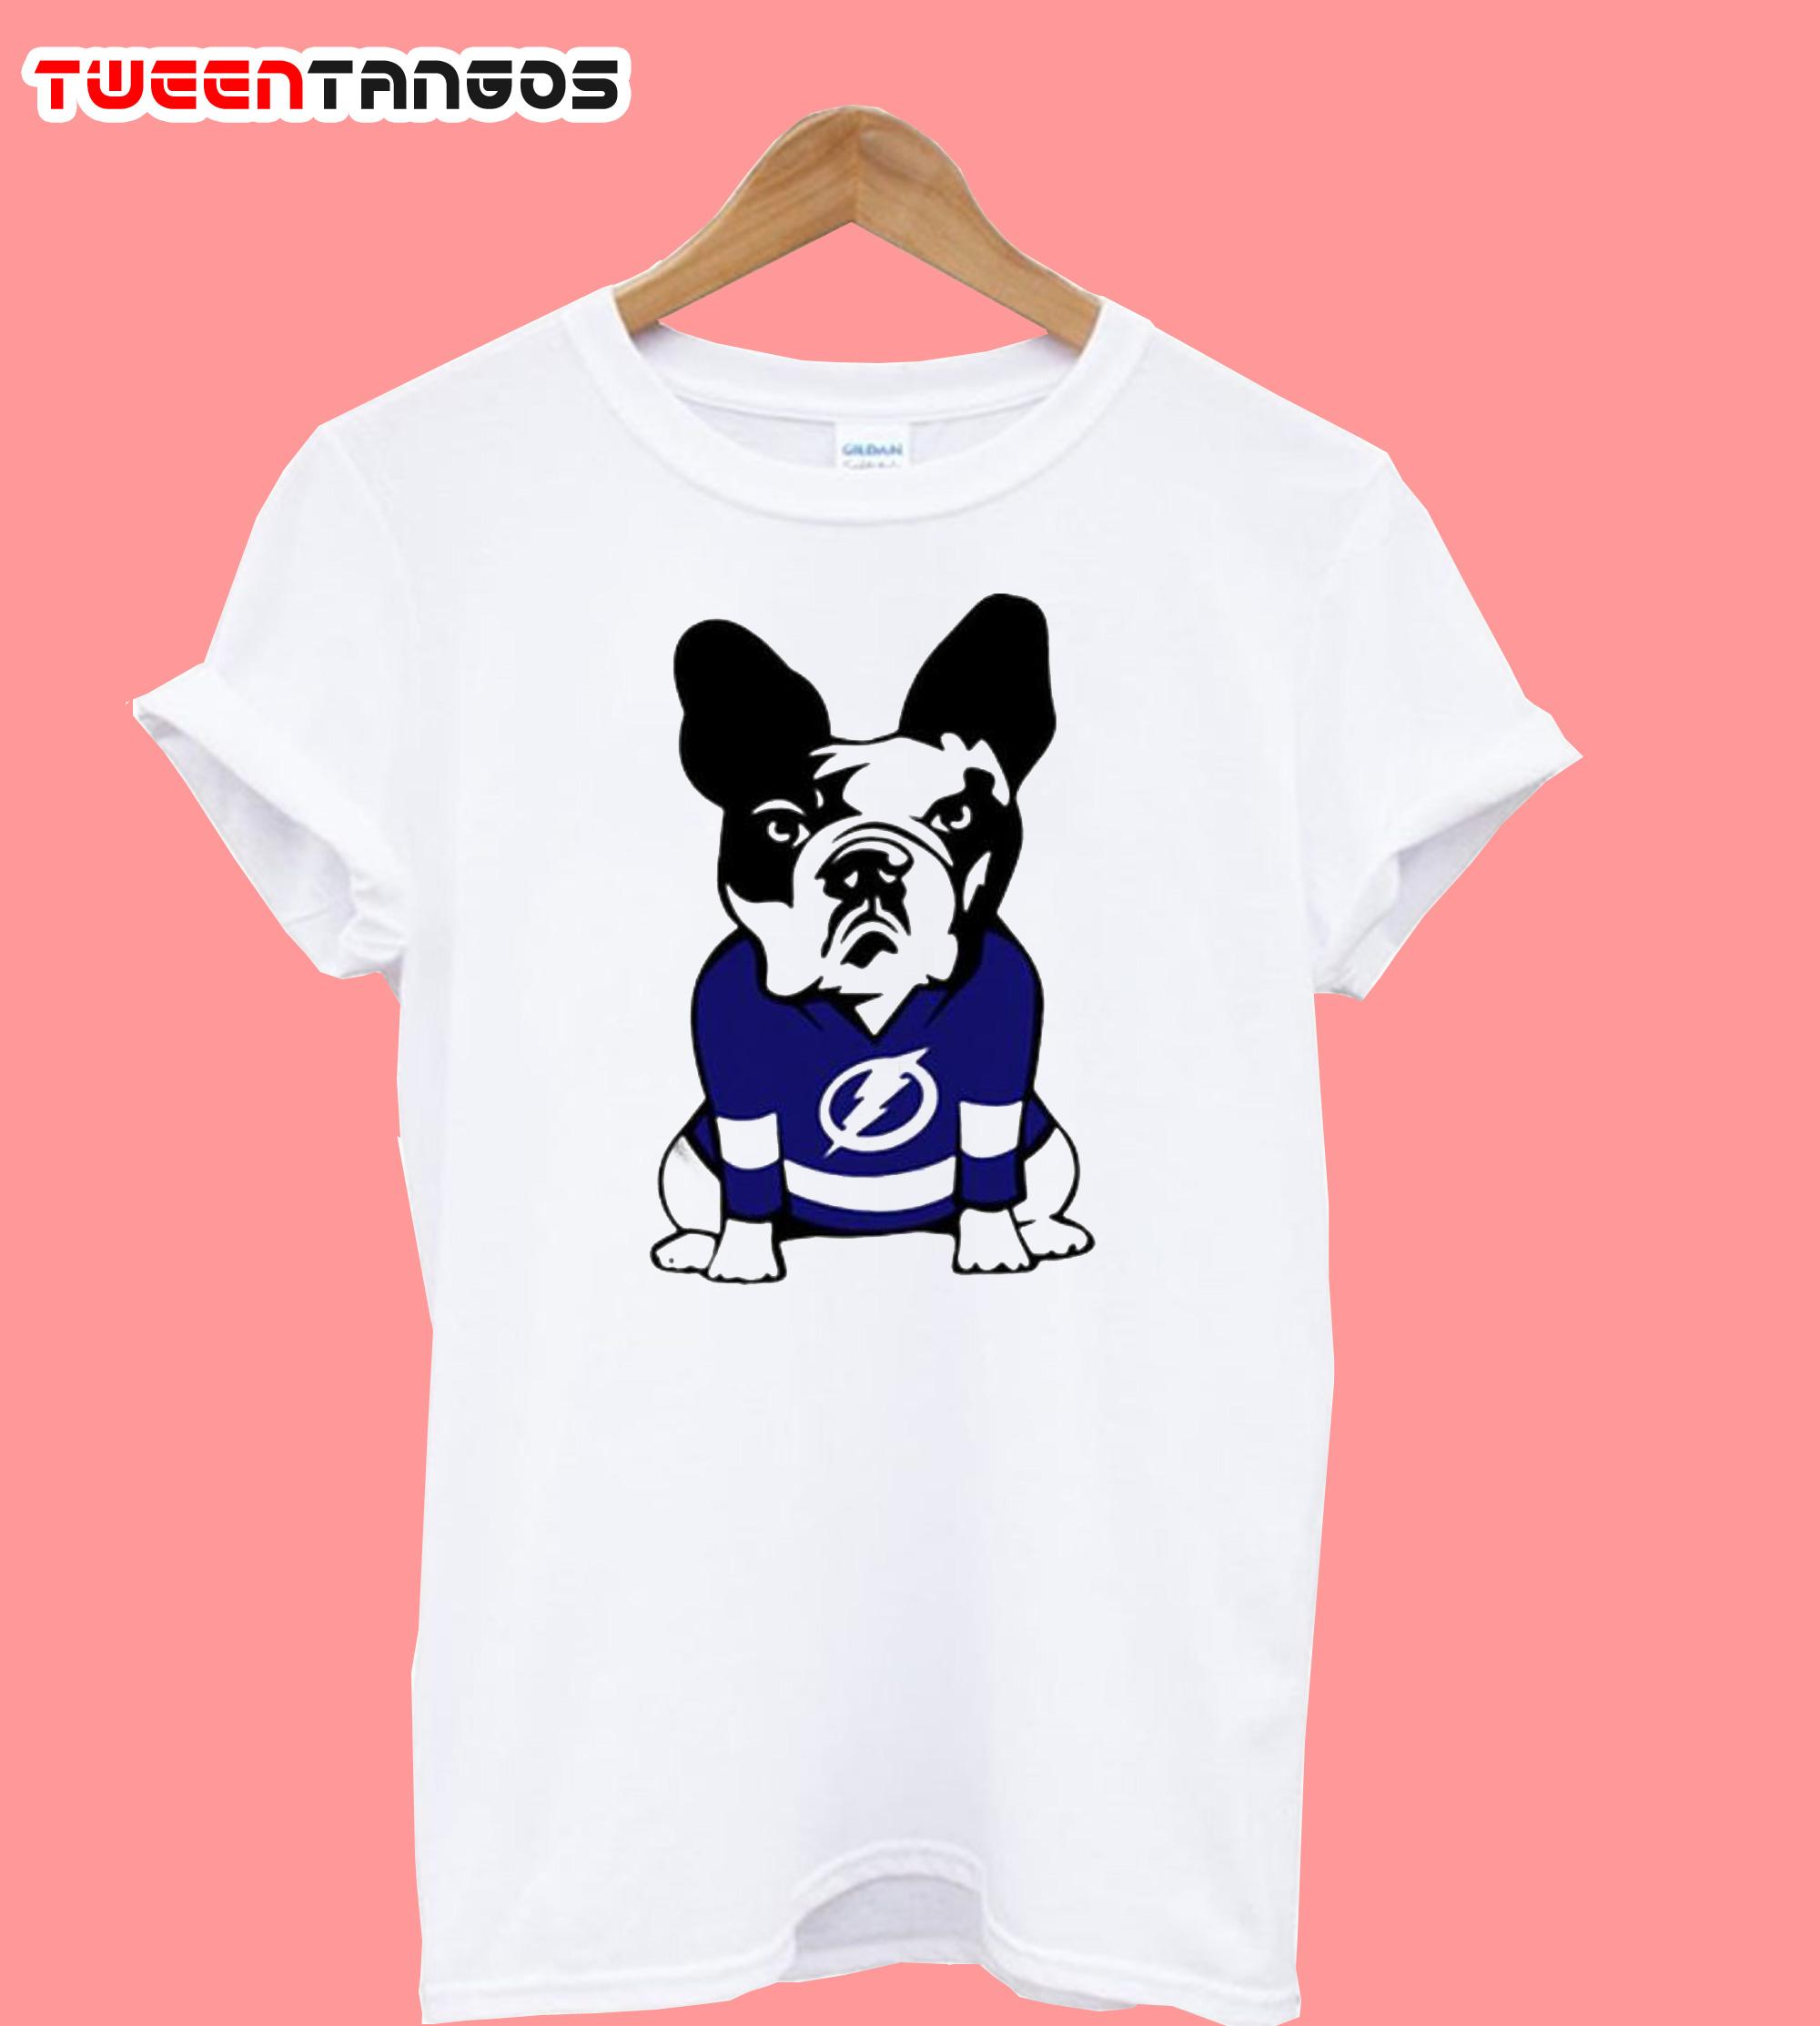 Tampa Bay Lightning French Bulldog T-Shirt